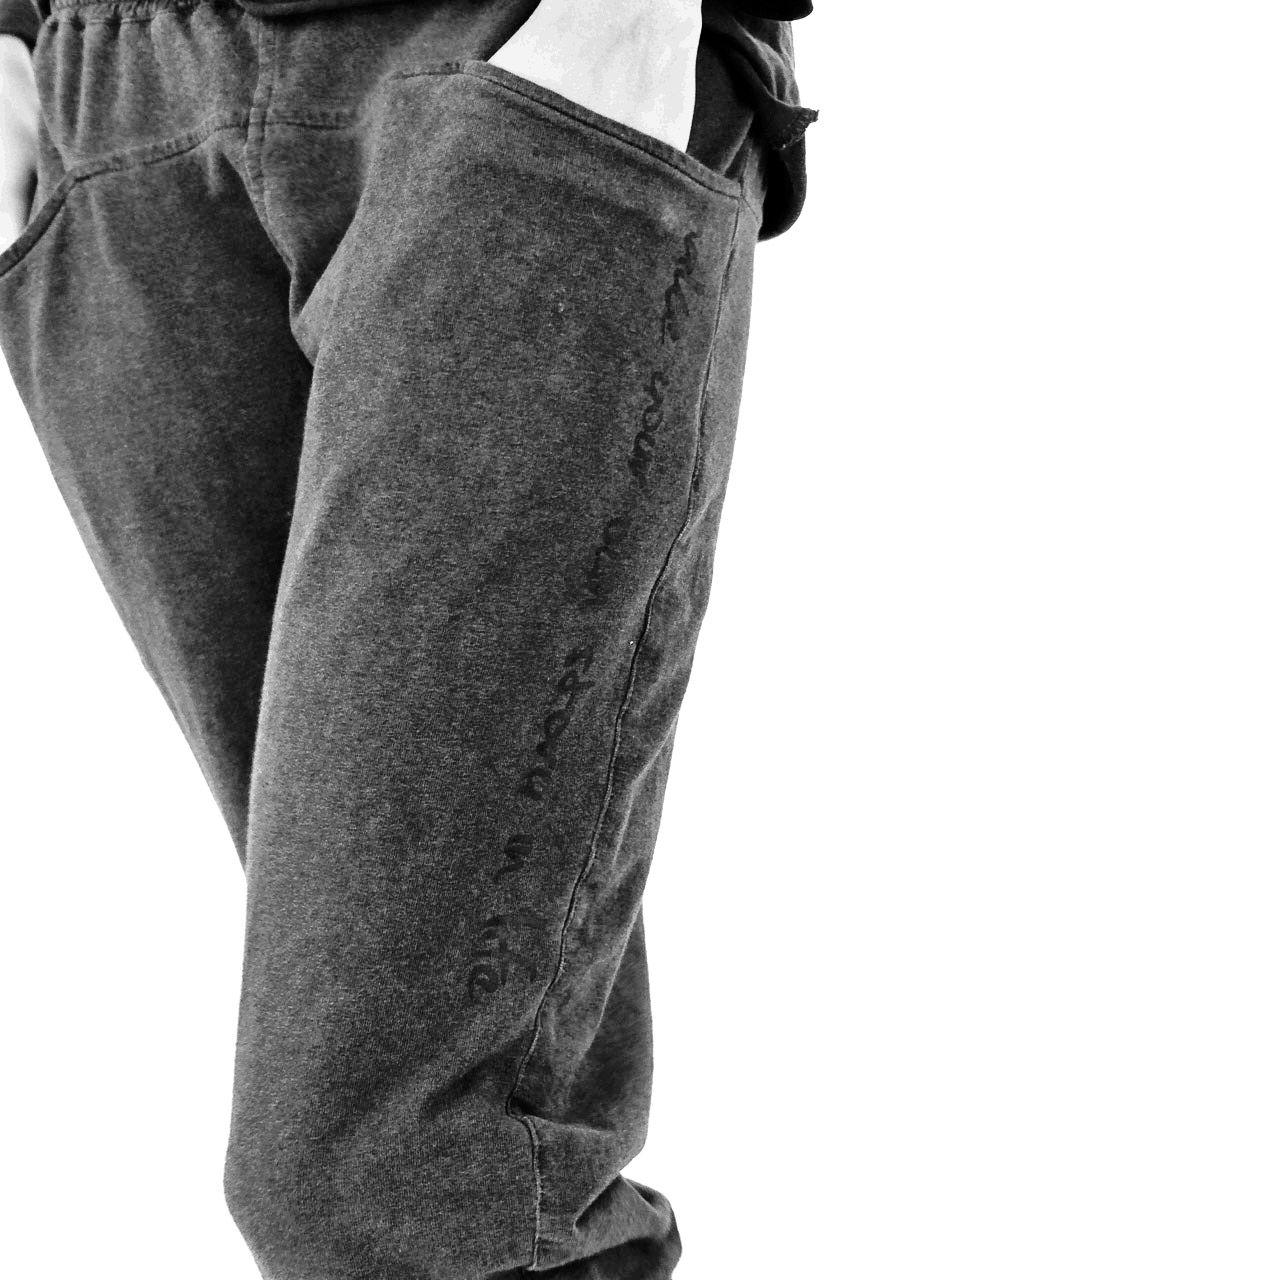 bynamesakke pants